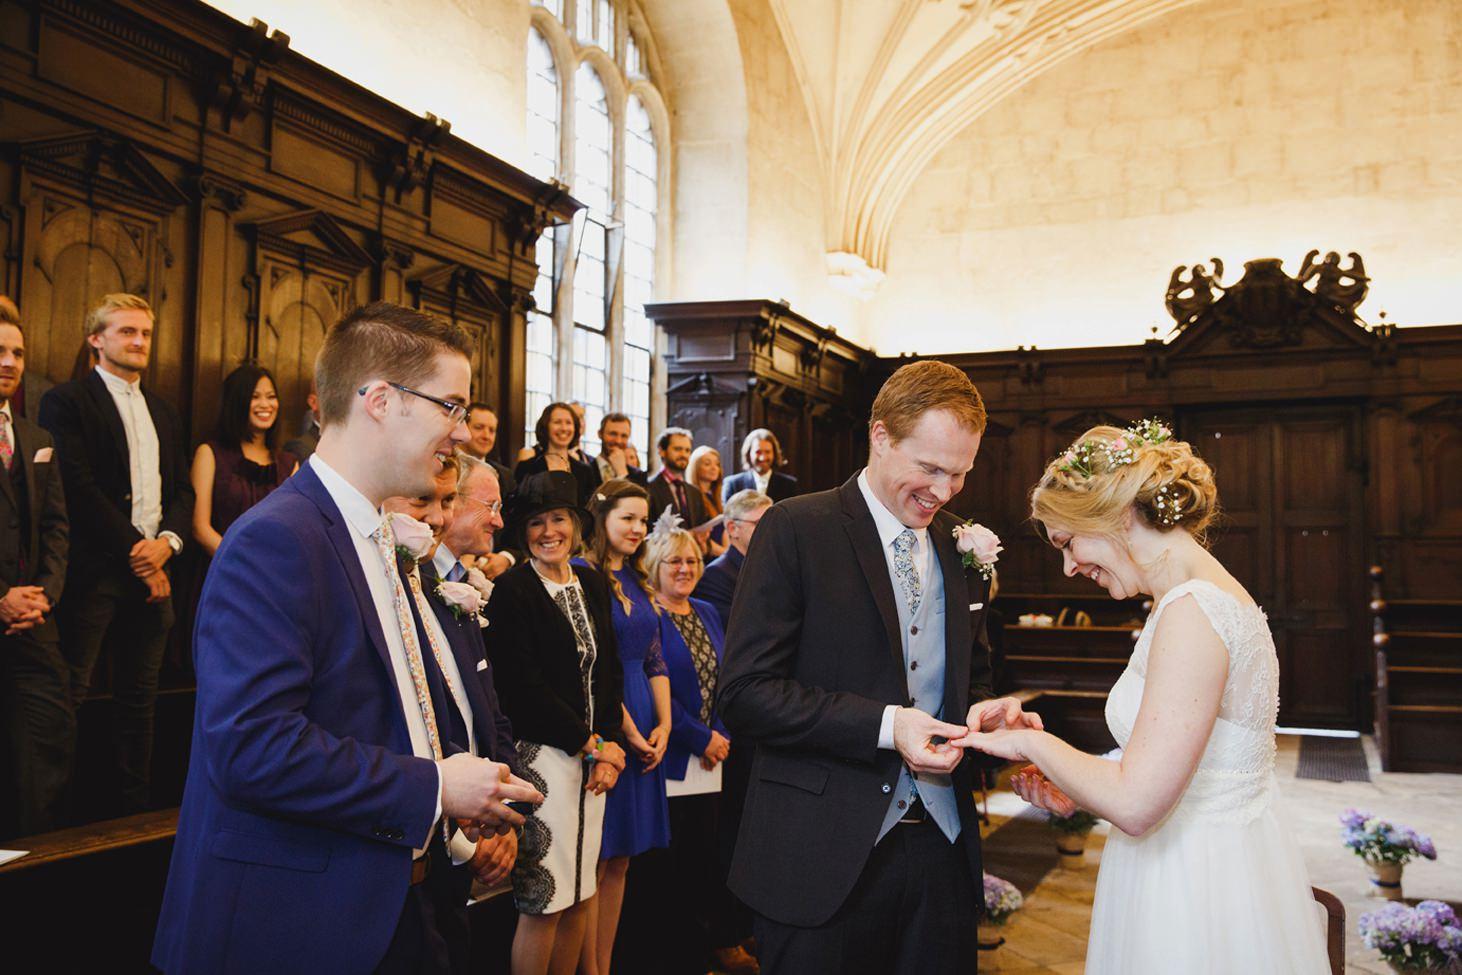 Bodleian library wedding groom exchange rings